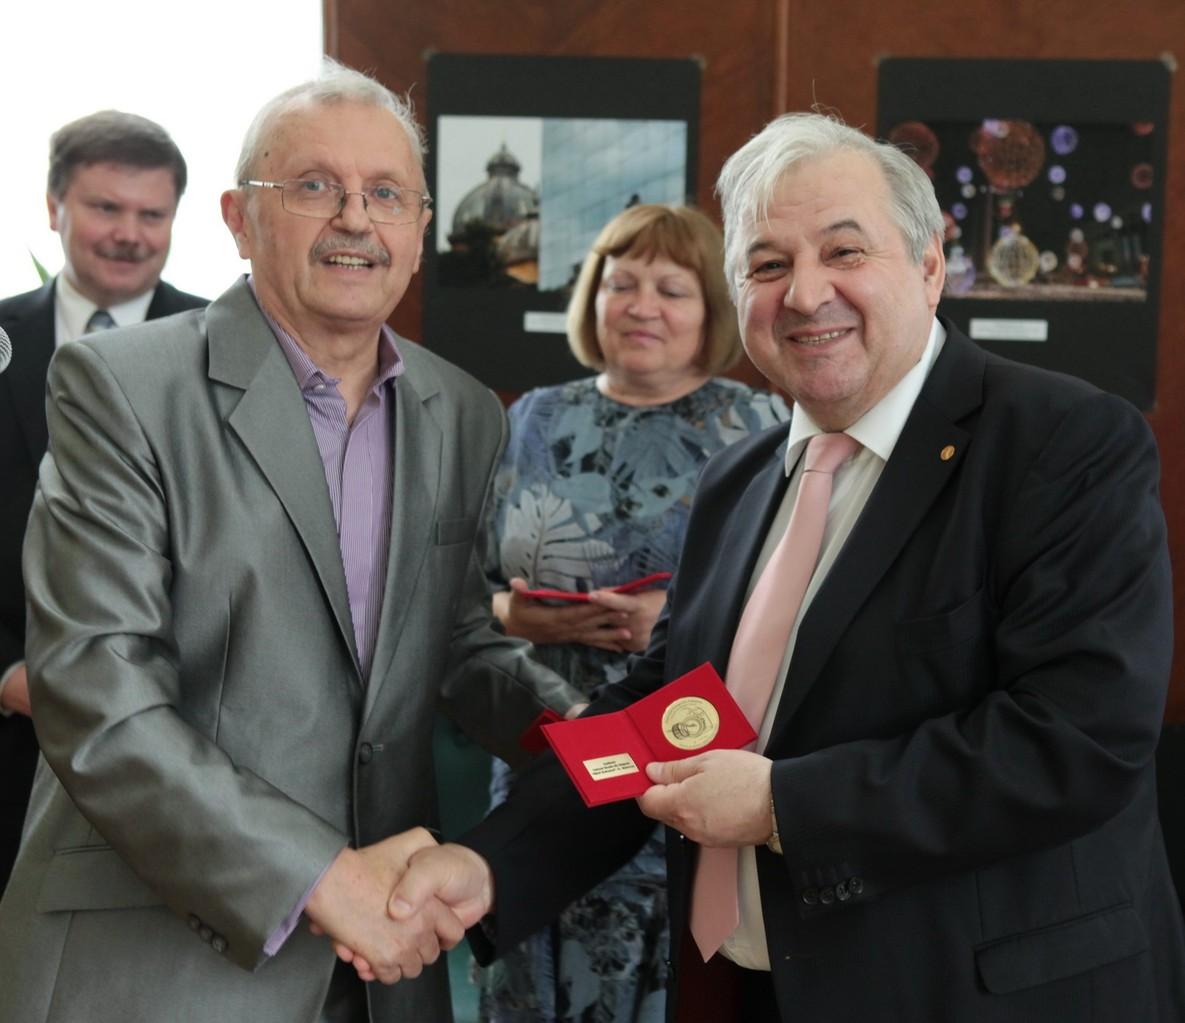 Dr Valeria Matei kitüntetése a Kisinyovi Nemzeti Könyvtárban megnyitott Európai Fővárosok Nemzetközi Kiállítás meggnyitója alkalmából 2013 május 30-án